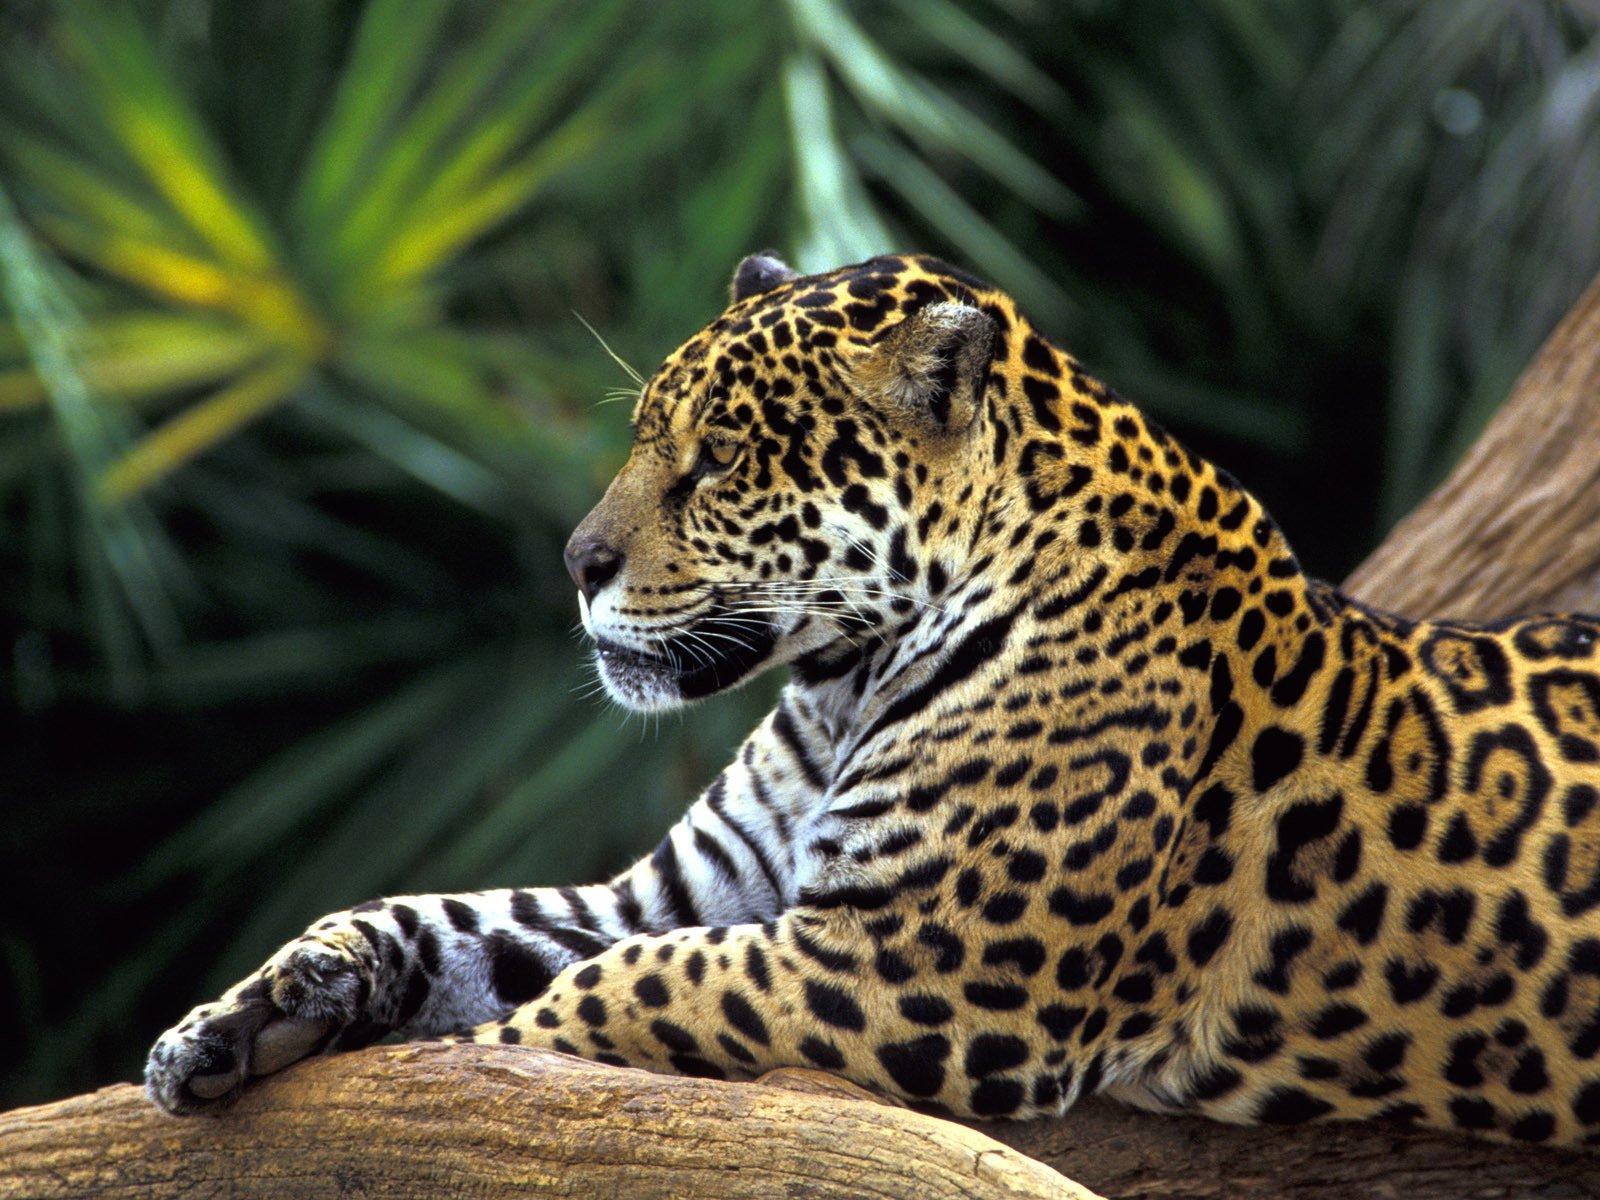 самой планете леопард фото животного красивый неграми классно трахаться